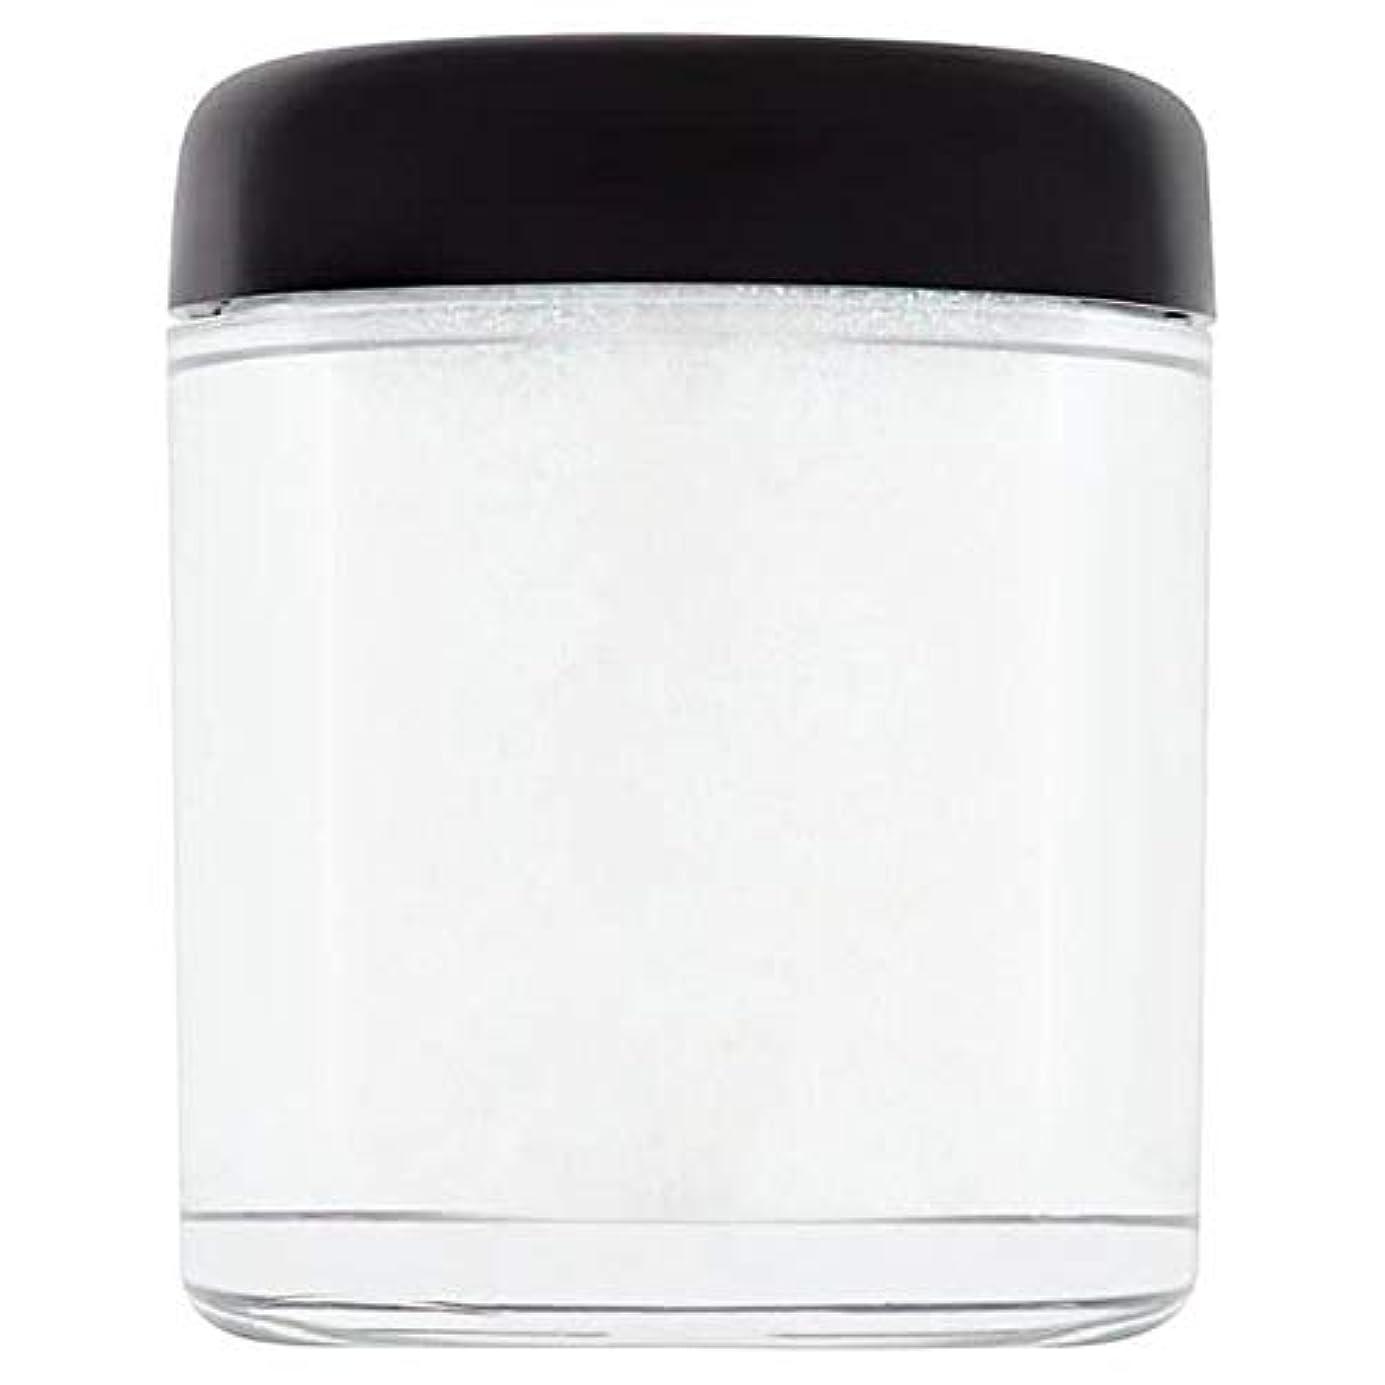 ダーベビルのテス謝罪デッキ[Collection ] 収集グラムの結晶がフェイス&ボディの輝きユニコーンの涙1 - Collection Glam Crystals Face & Body Glitter Unicorn Tears 1 [並行輸入品]